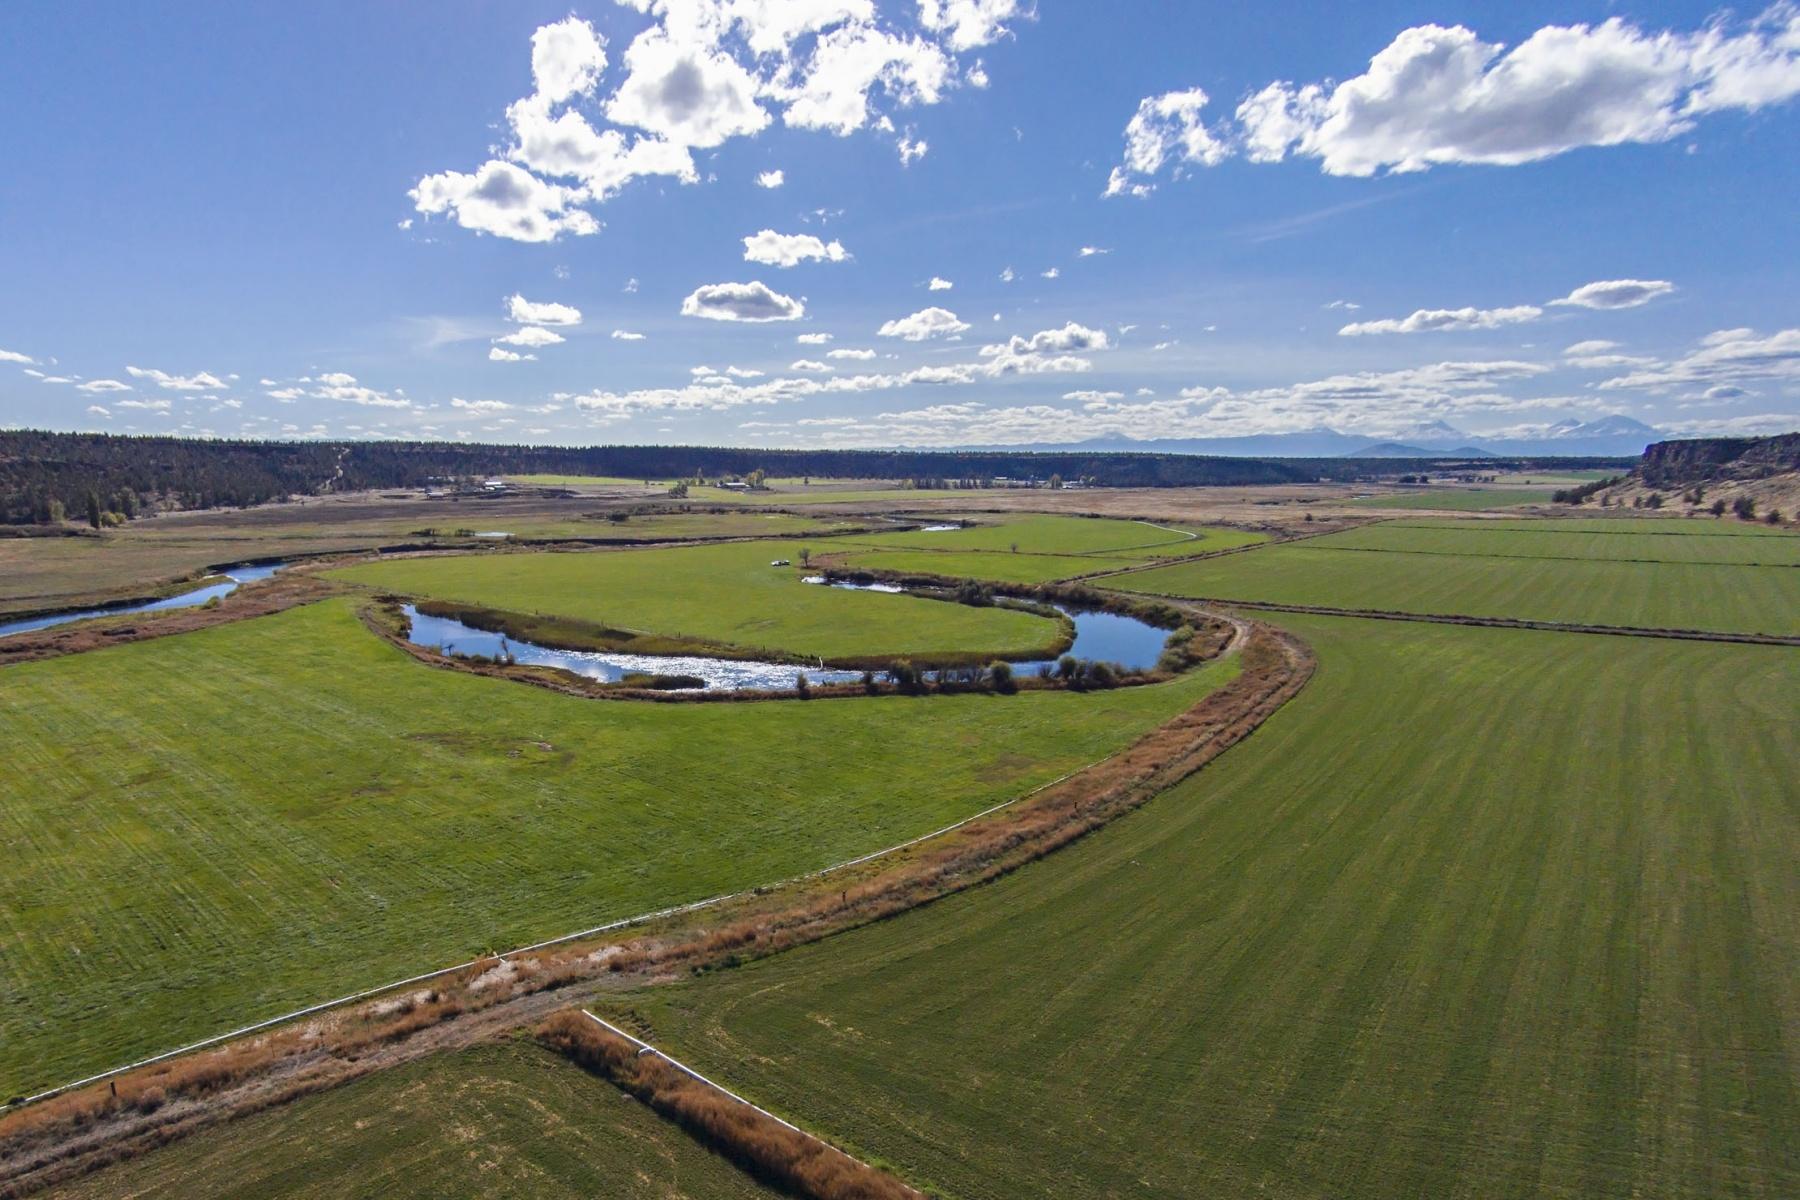 Ferme / Ranch / Plantation pour l Vente à 16301 NE Oneil Highway, REDMOND 16301 NE Oneil Hwy Redmond, Oregon, 97756 États-Unis